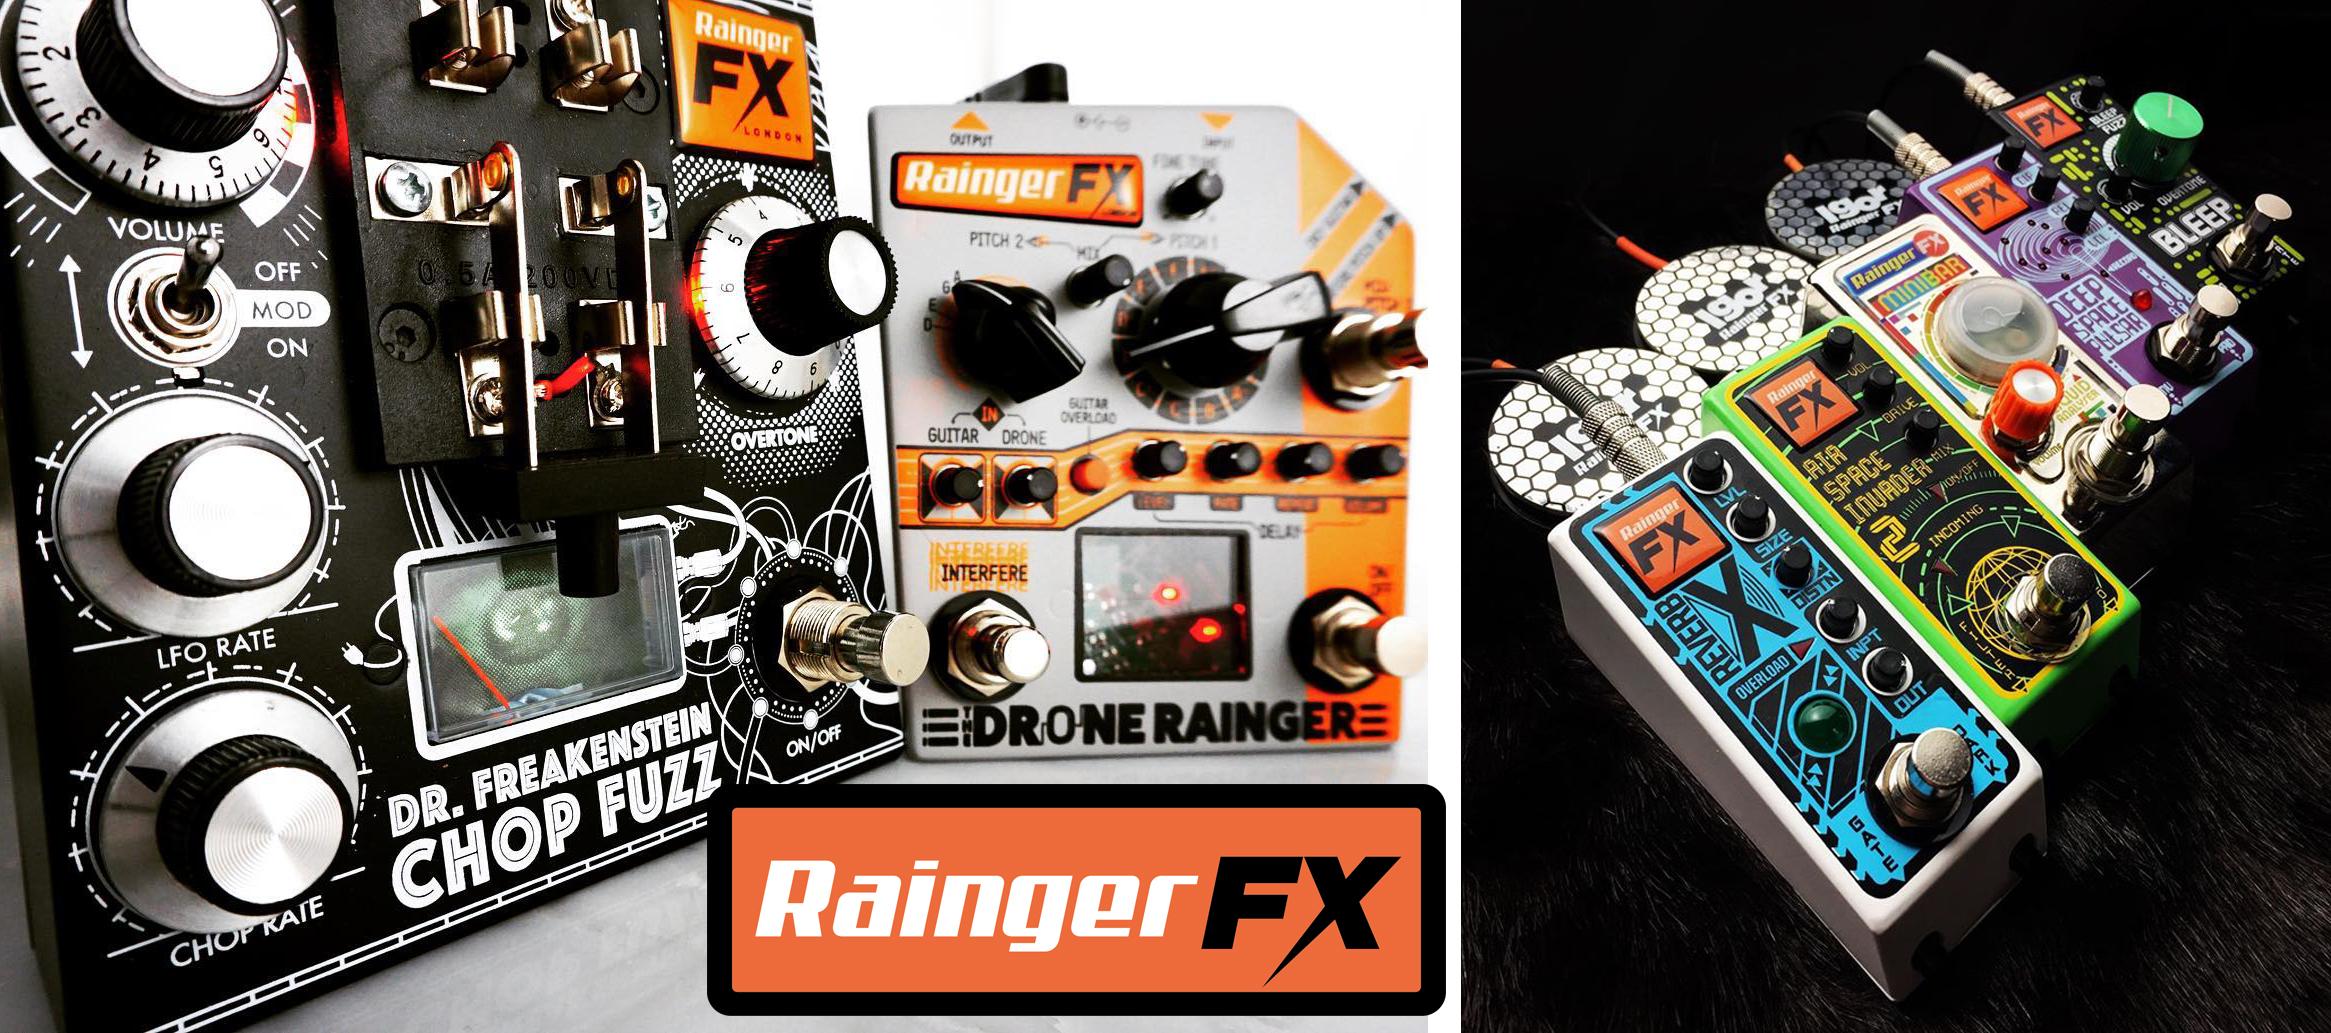 ギターペダル,エフェクター,Rainger Fx,レインジャー